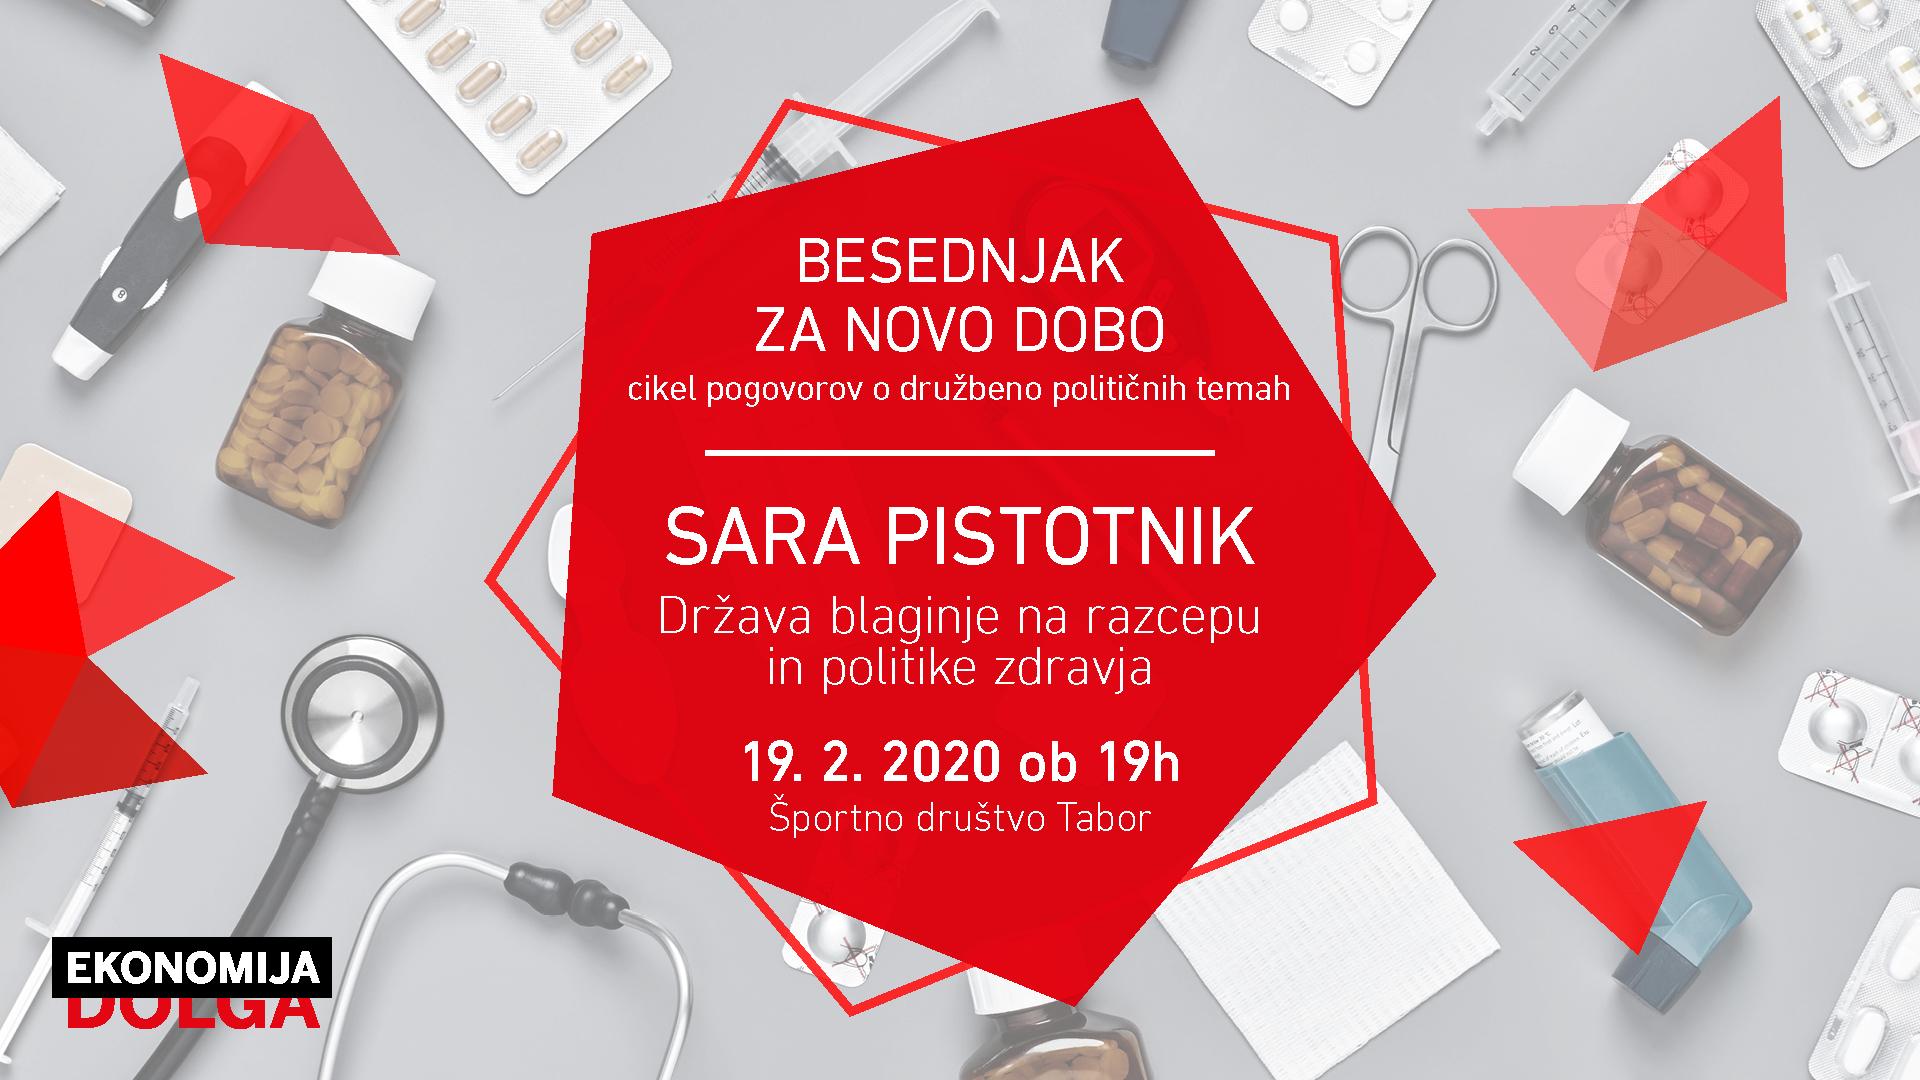 Enabanda - besednjak za novo dobo - posamični dogodki - socialna omrežje - FB - 1920x1080 - event image - 72dpi - Sara